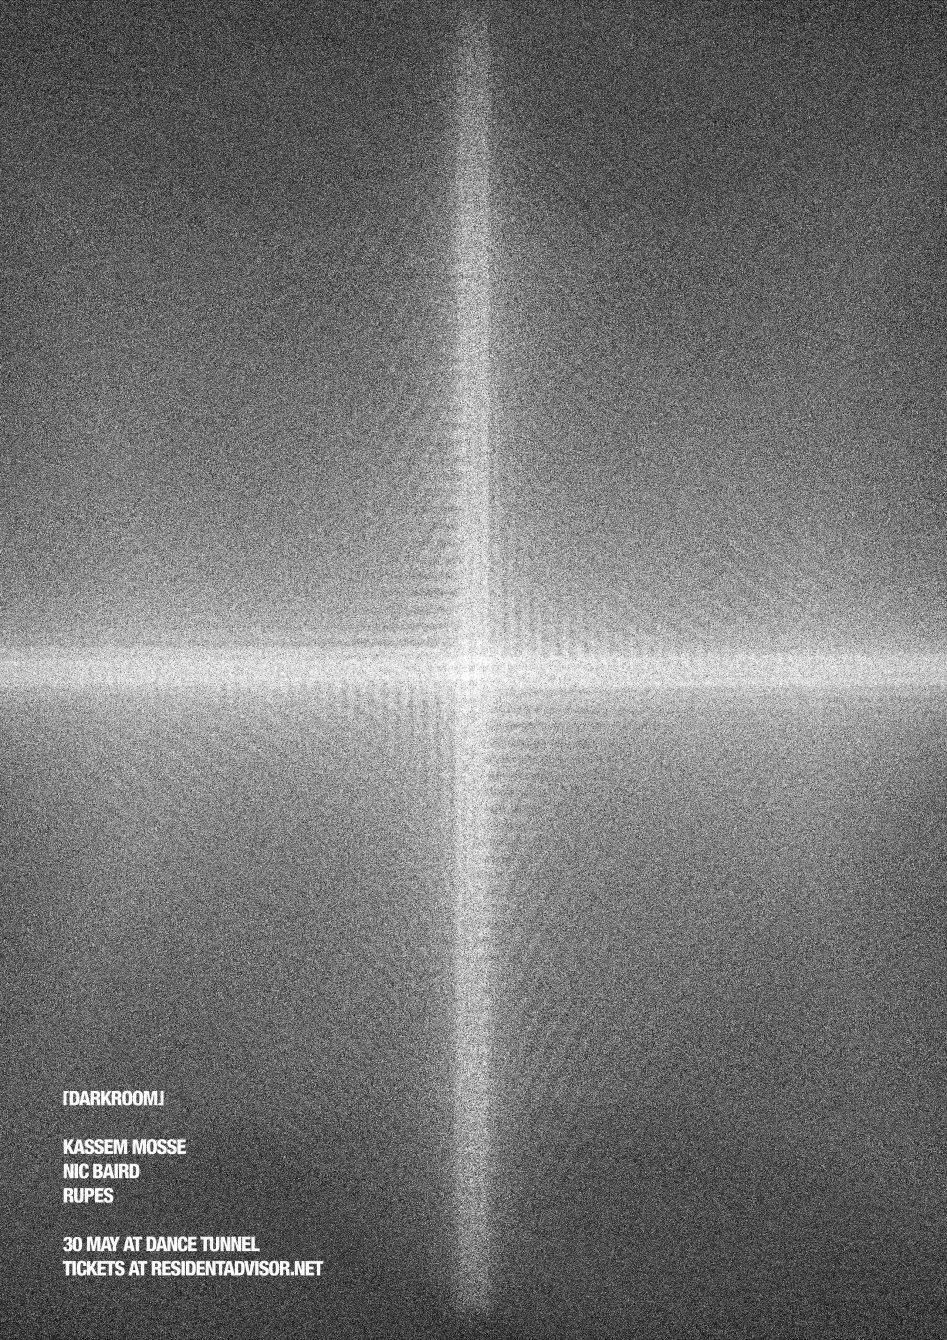 Darkroom with Kassem Mosse - Live - Flyer back